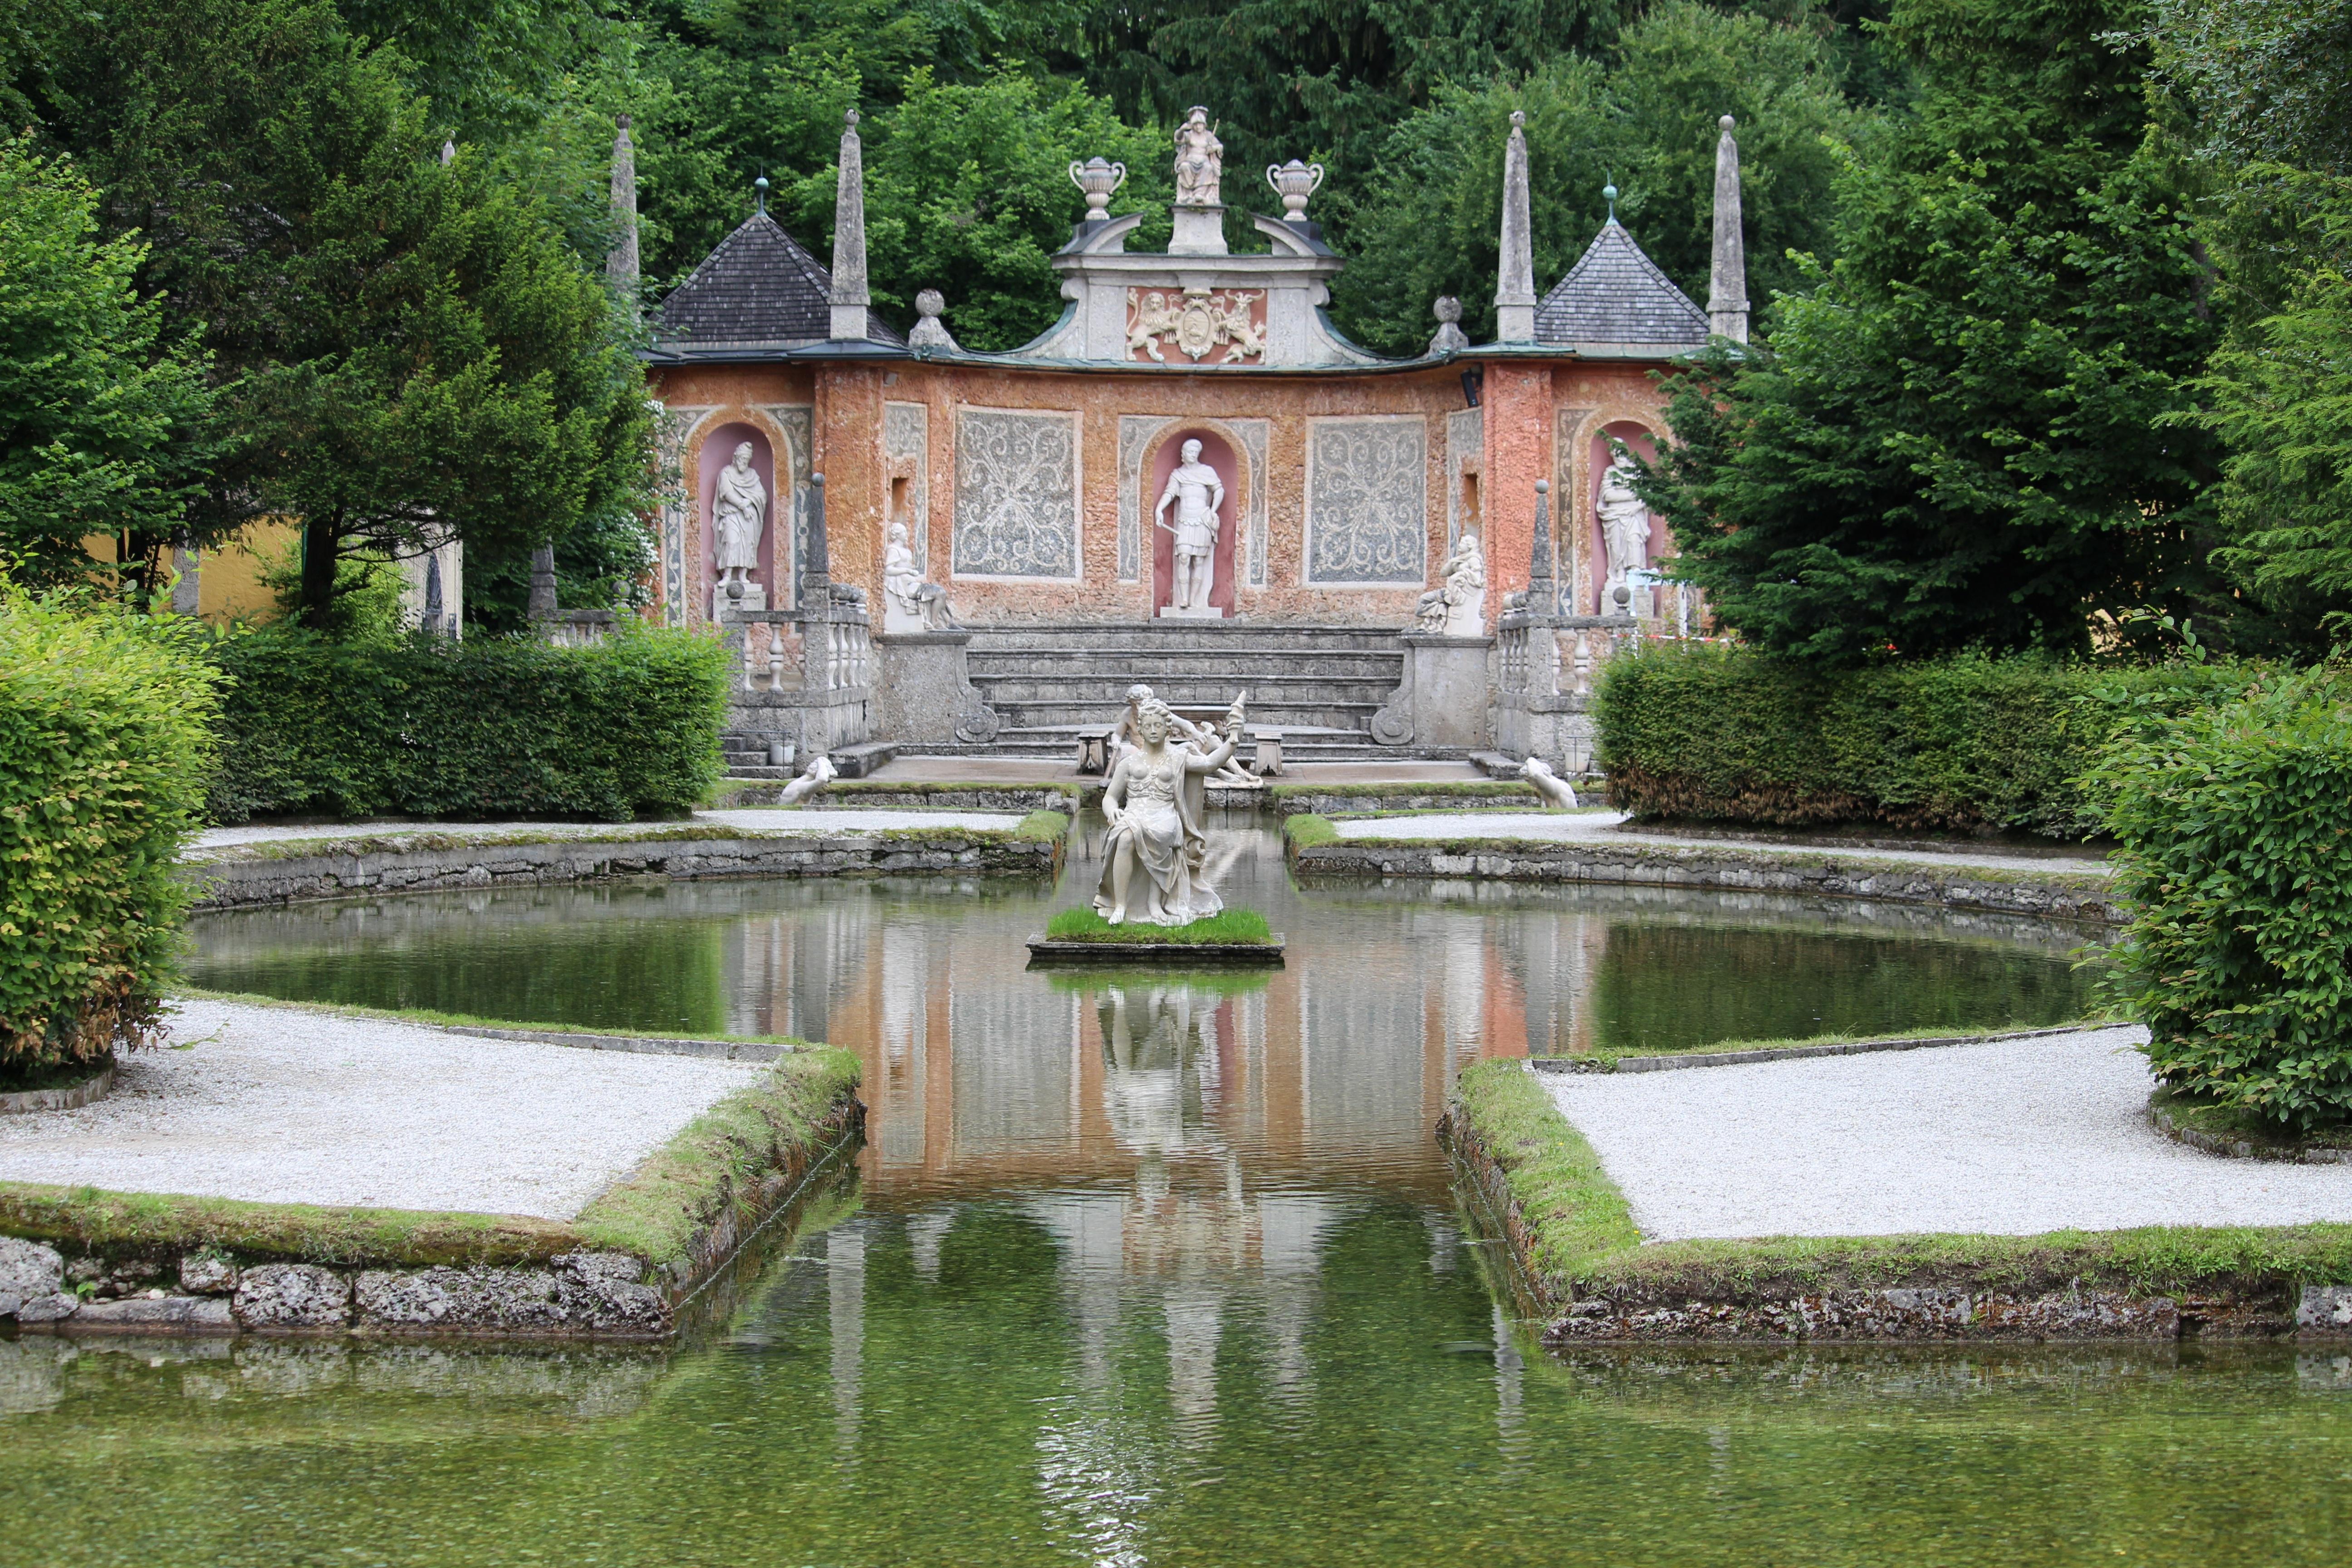 Villa Chateau Palast Teich Park Schloss Garten Wasserweg Schrein Immobilien  Wasser Funktion Salzburg Graben Herrenhaus